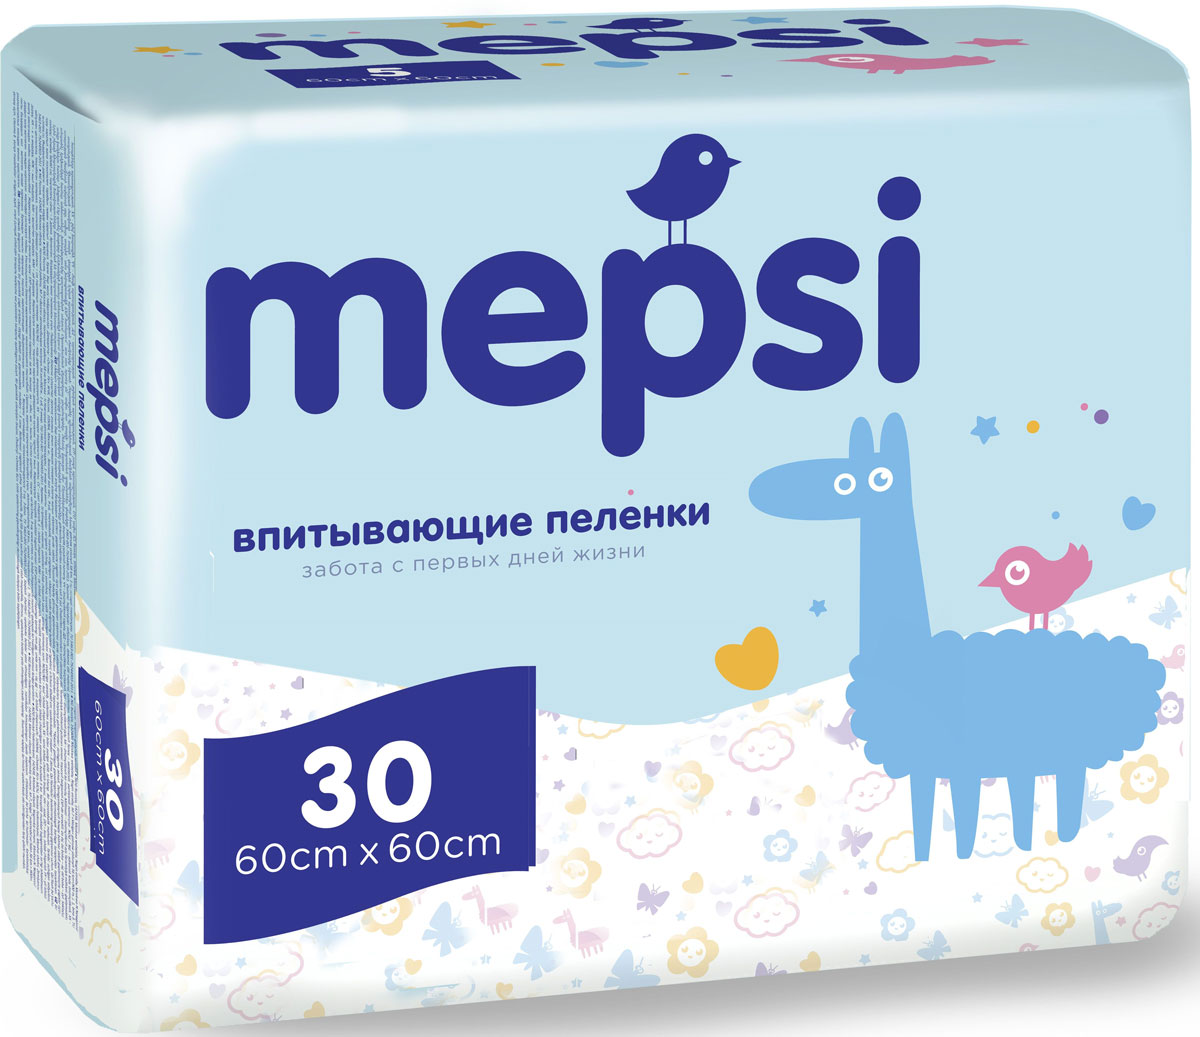 Mepsi Пеленки одноразовые впитывающие 60 х 60 см 30 шт mepsi пеленки одноразовые впитывающие 60 х 60 см 5 шт